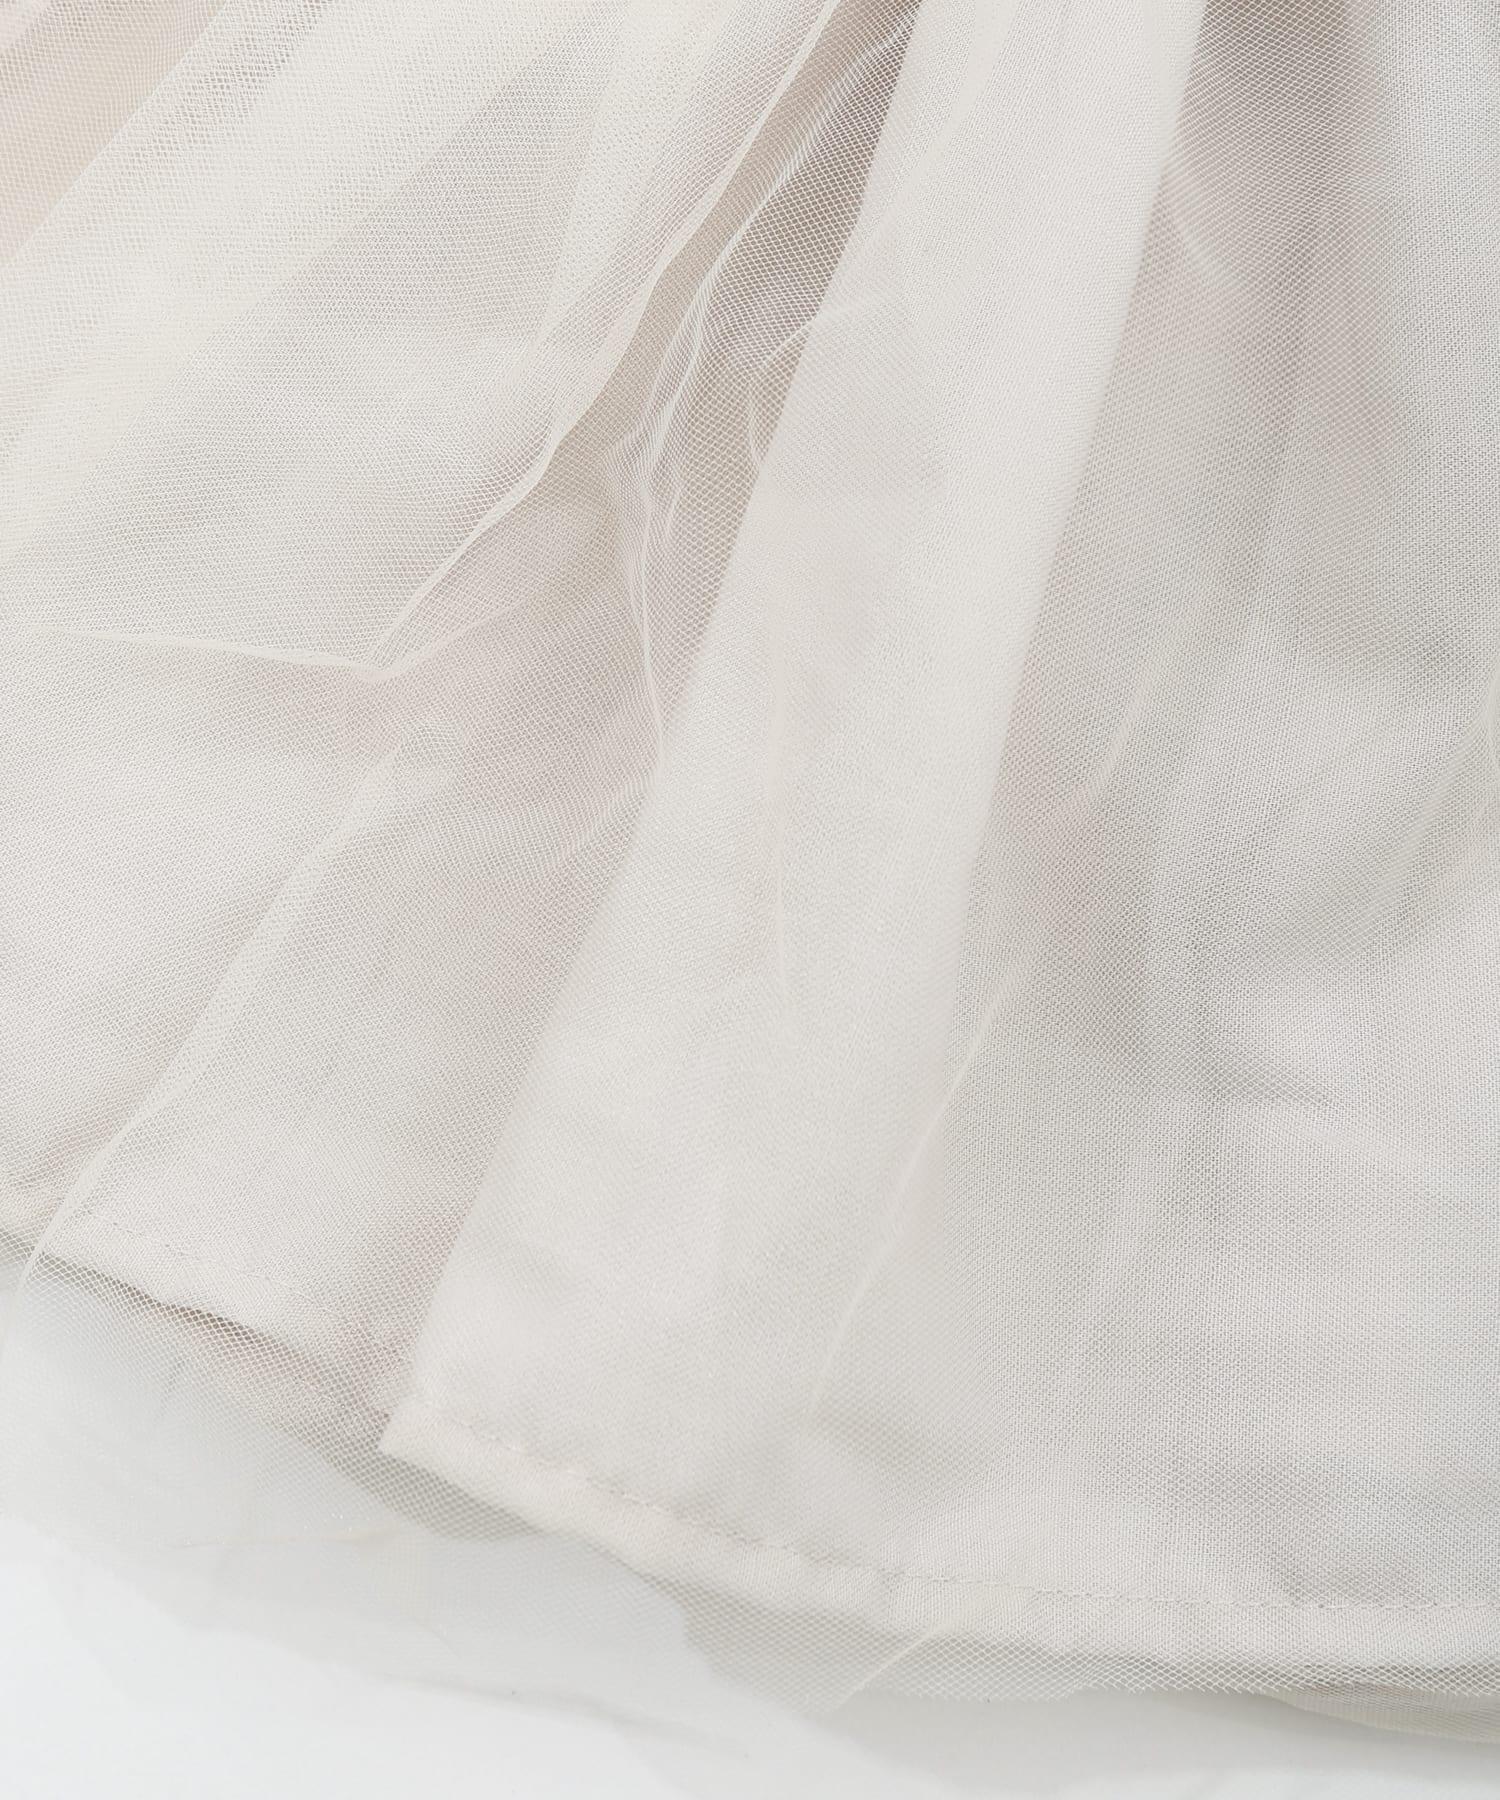 3COINS(スリーコインズ) 【おめかし】チュールスカート